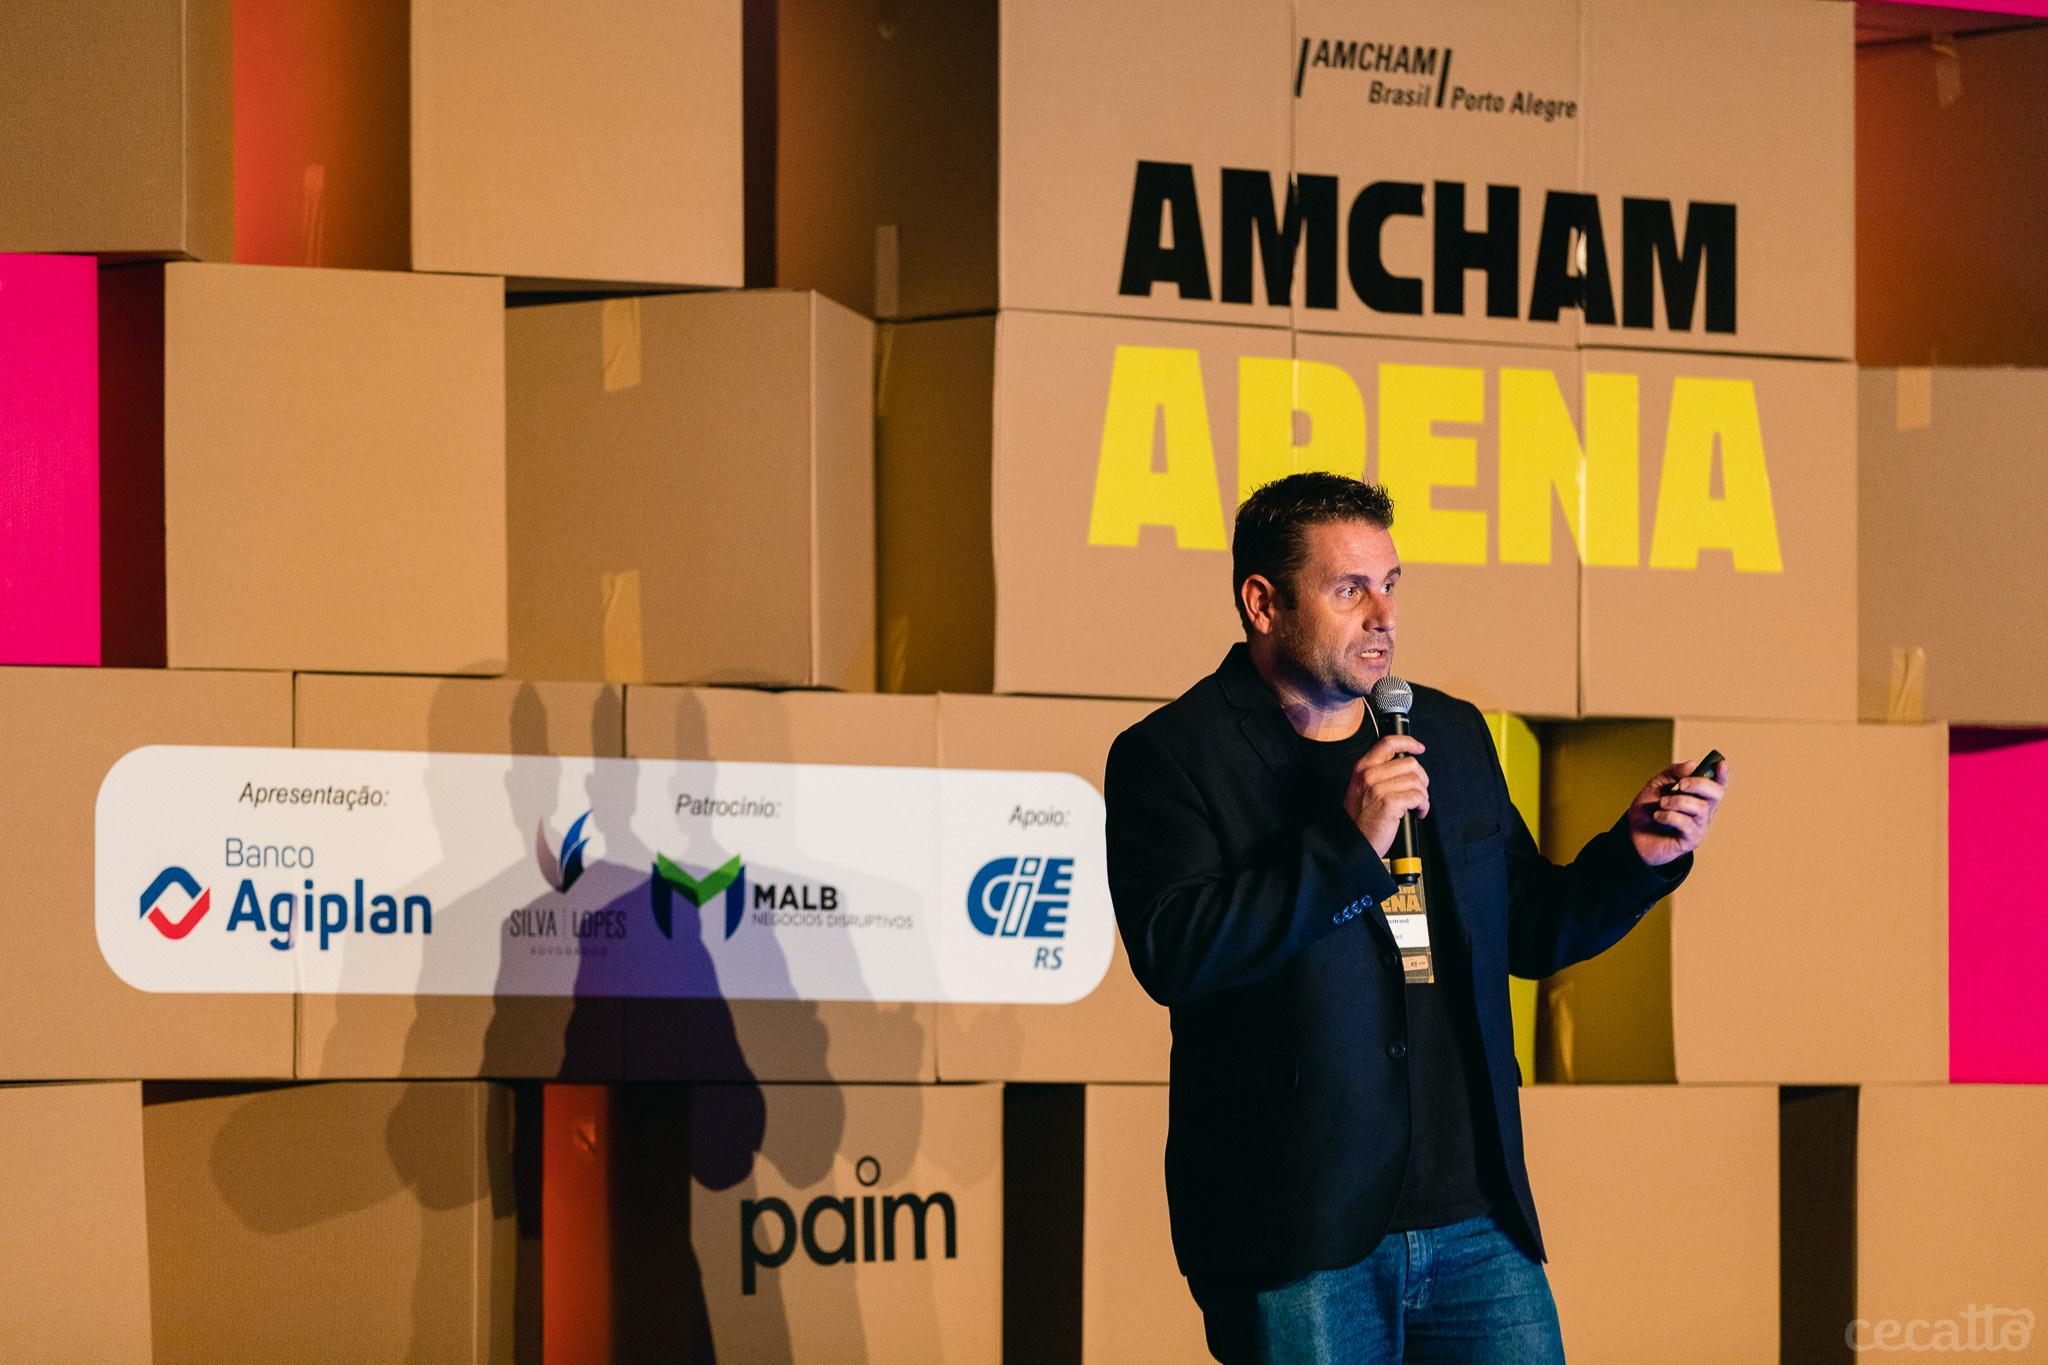 Amcham Arena: Inovação e disrupção dão o tom da batalha de startups